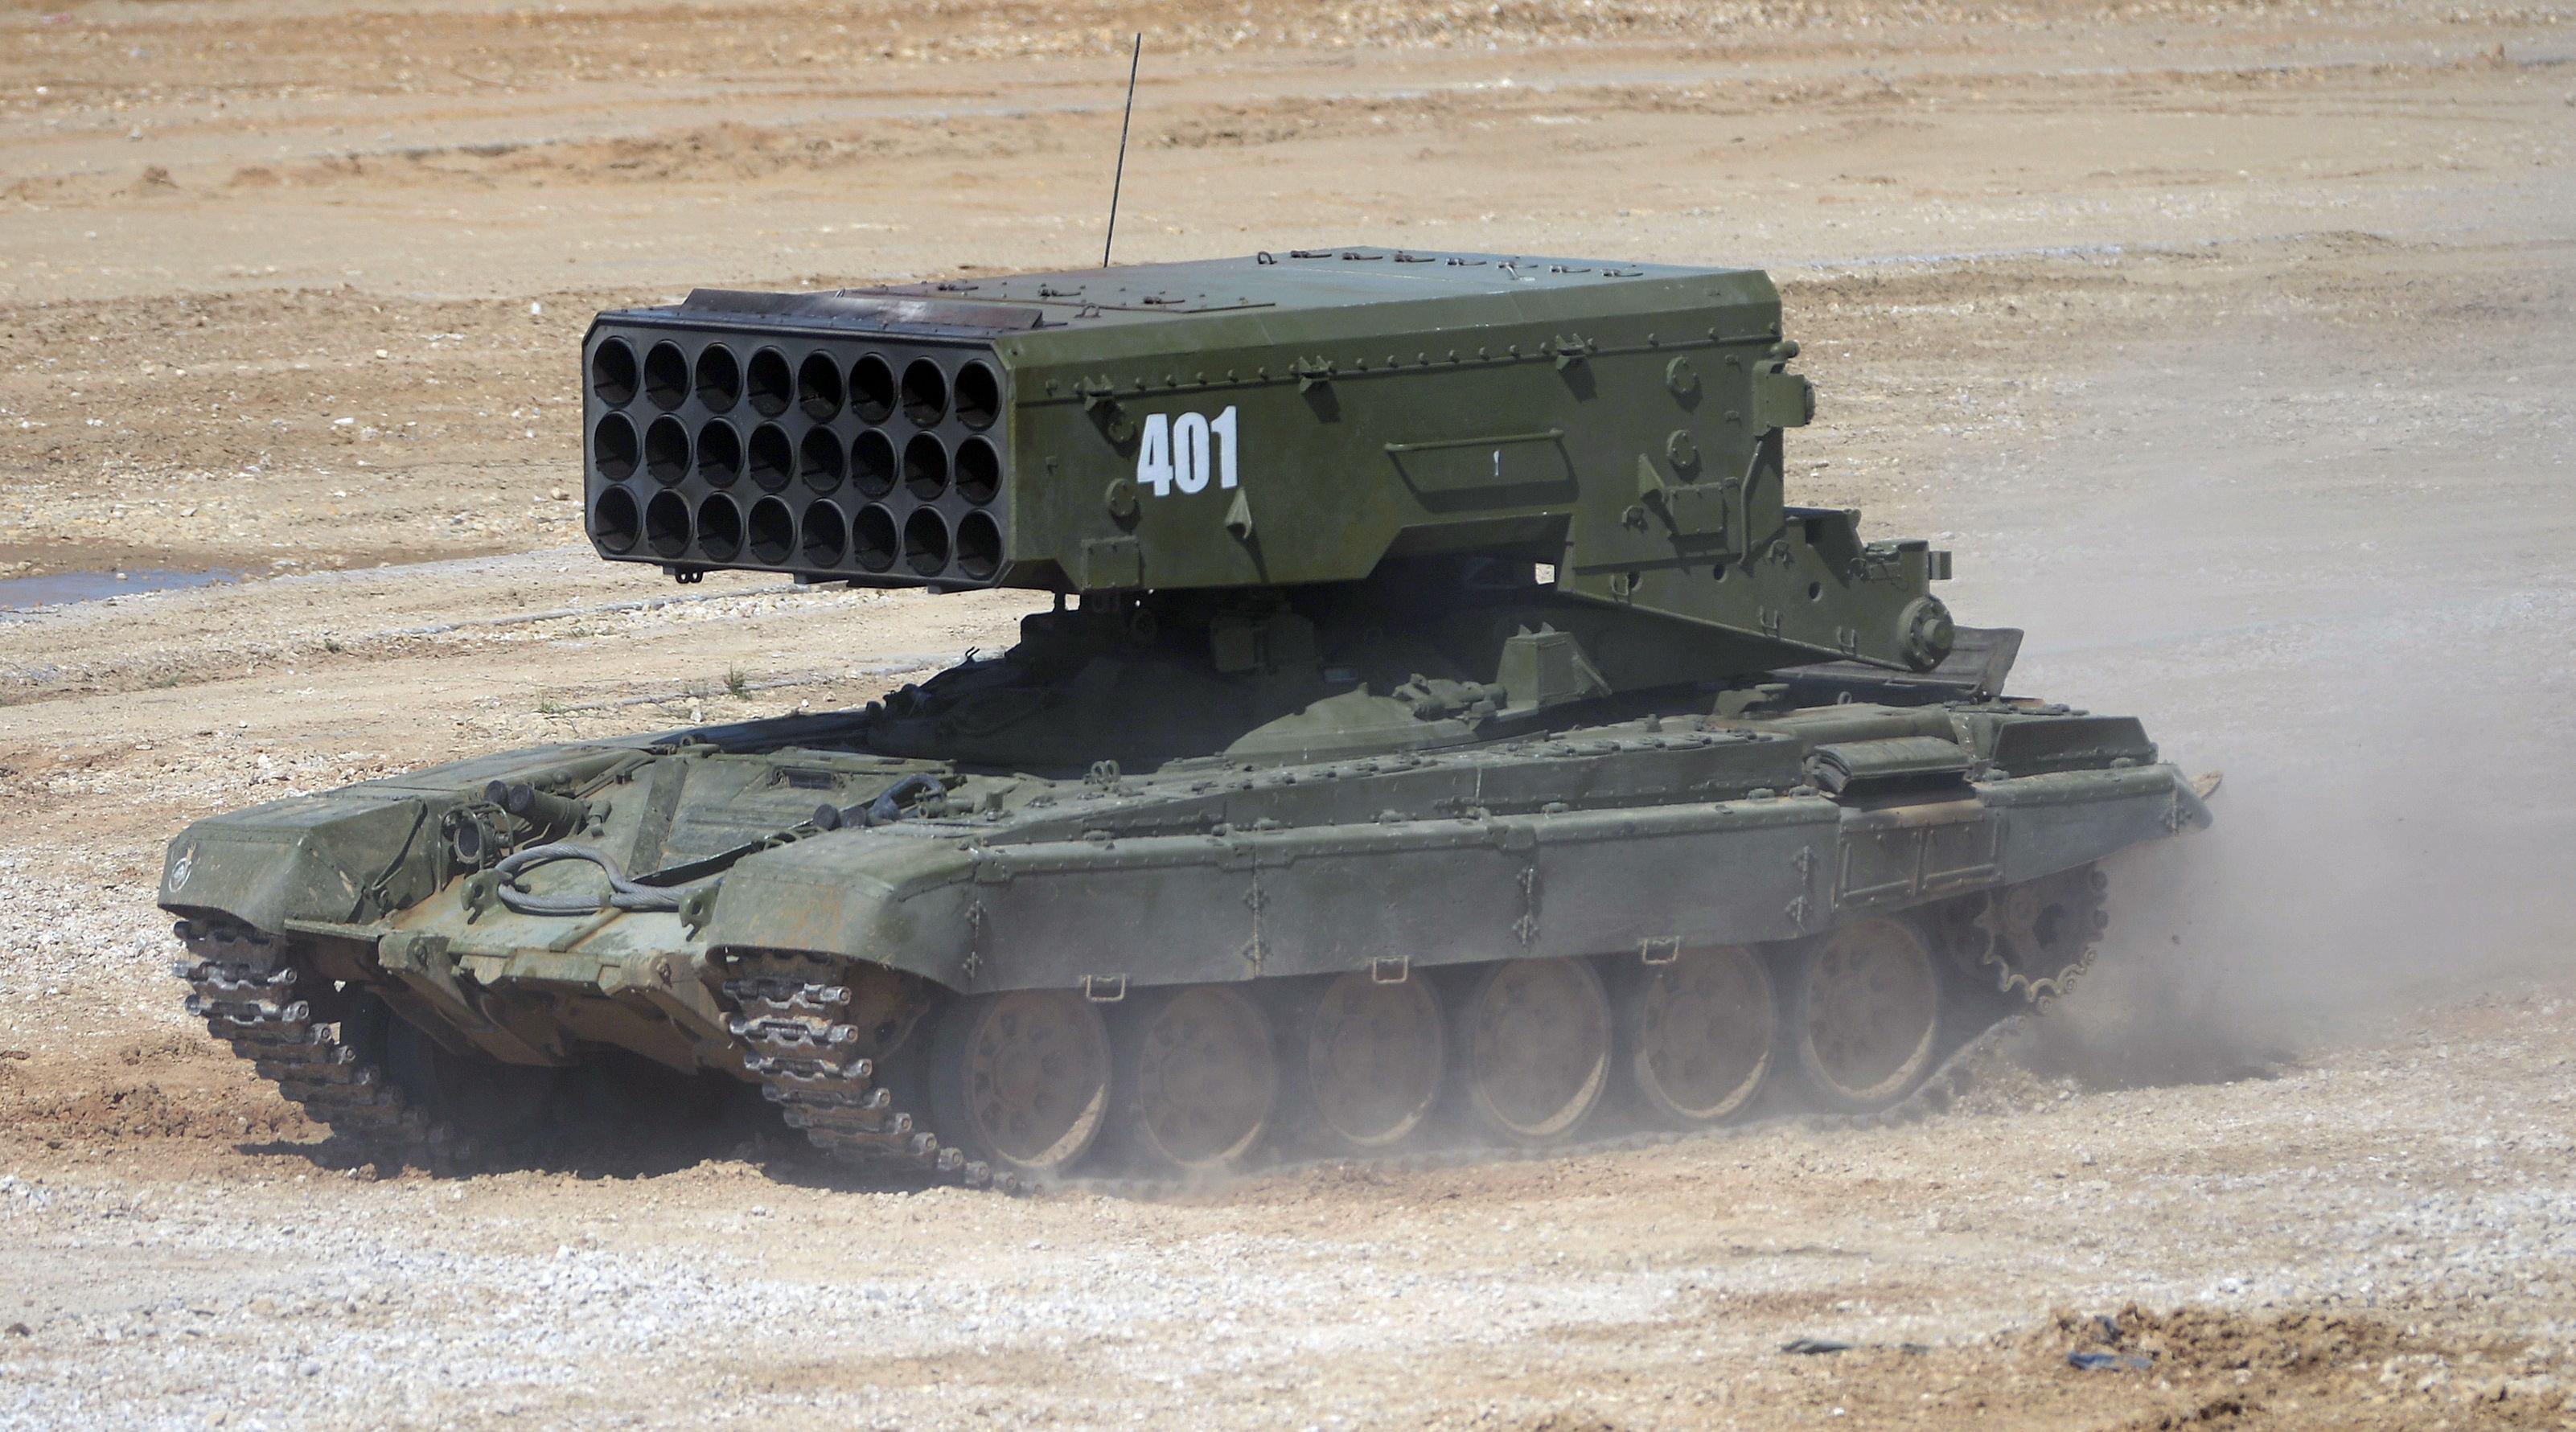 El lanzacohetes incendiario ruso TOS-1A Solntsepiok